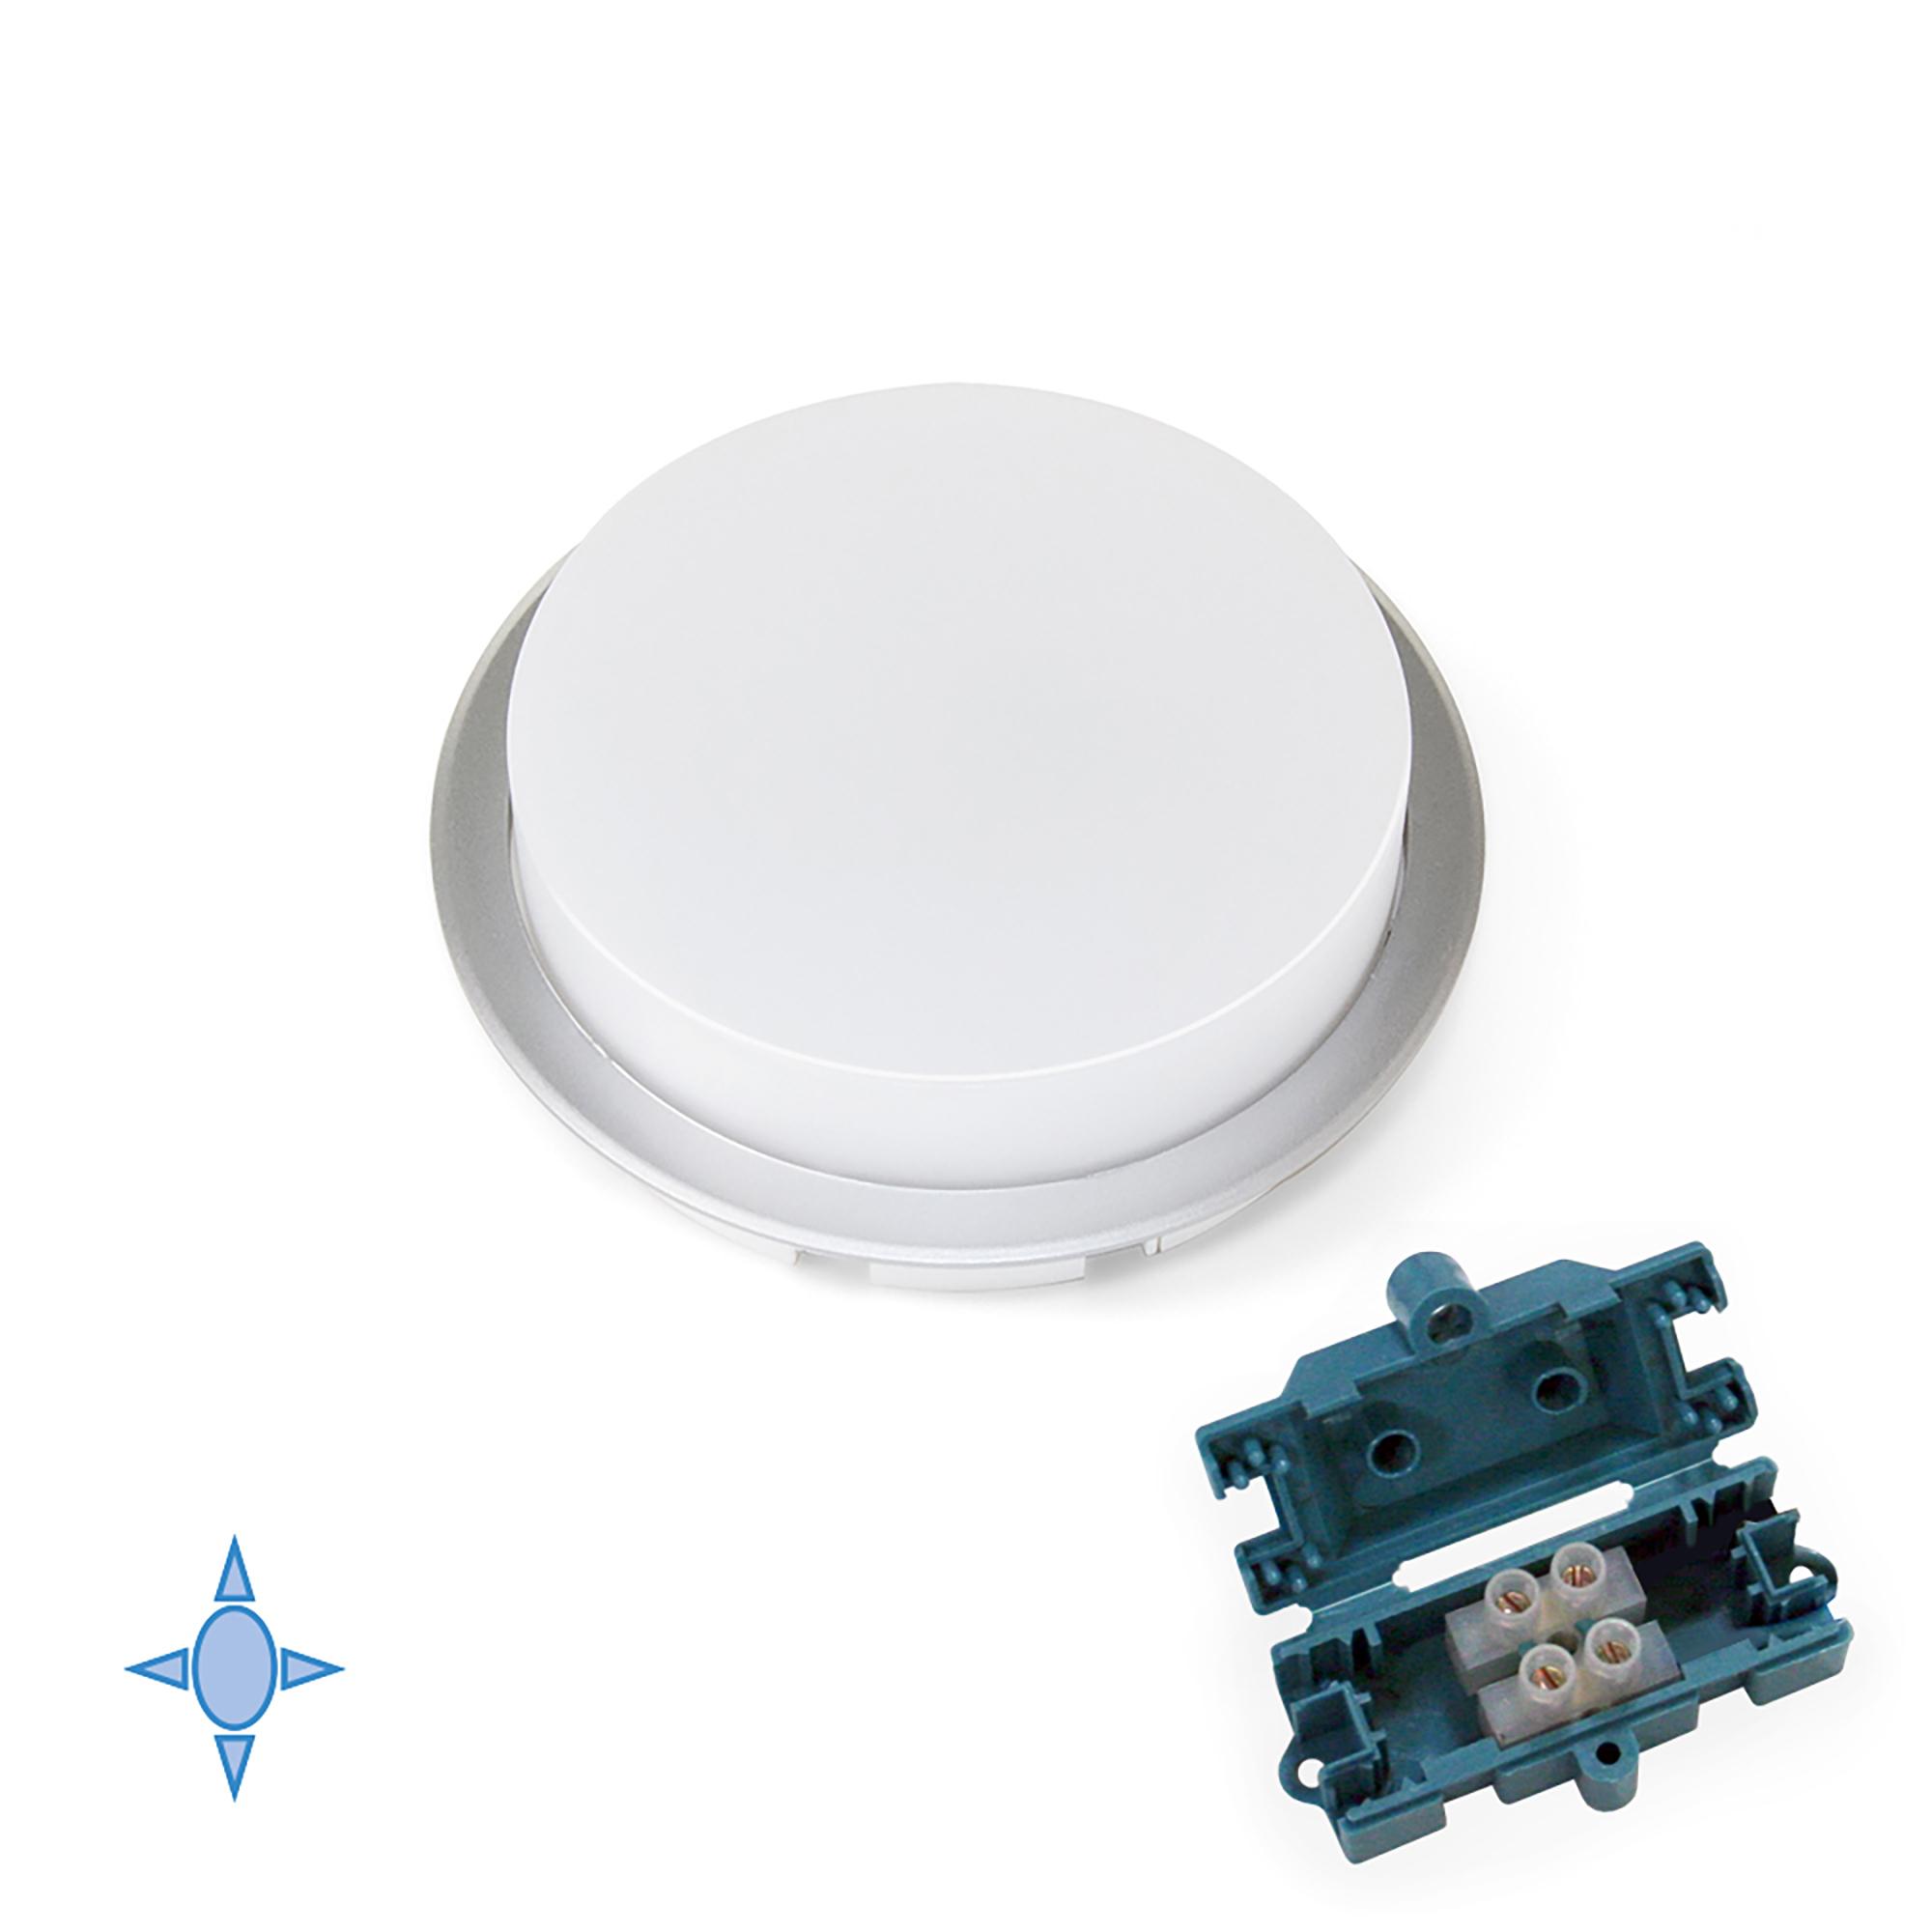 Emuca Faretto LED, D. 85 mm, a semincasso, Luce bianca fredda, Plastica, Grigio metallizzato